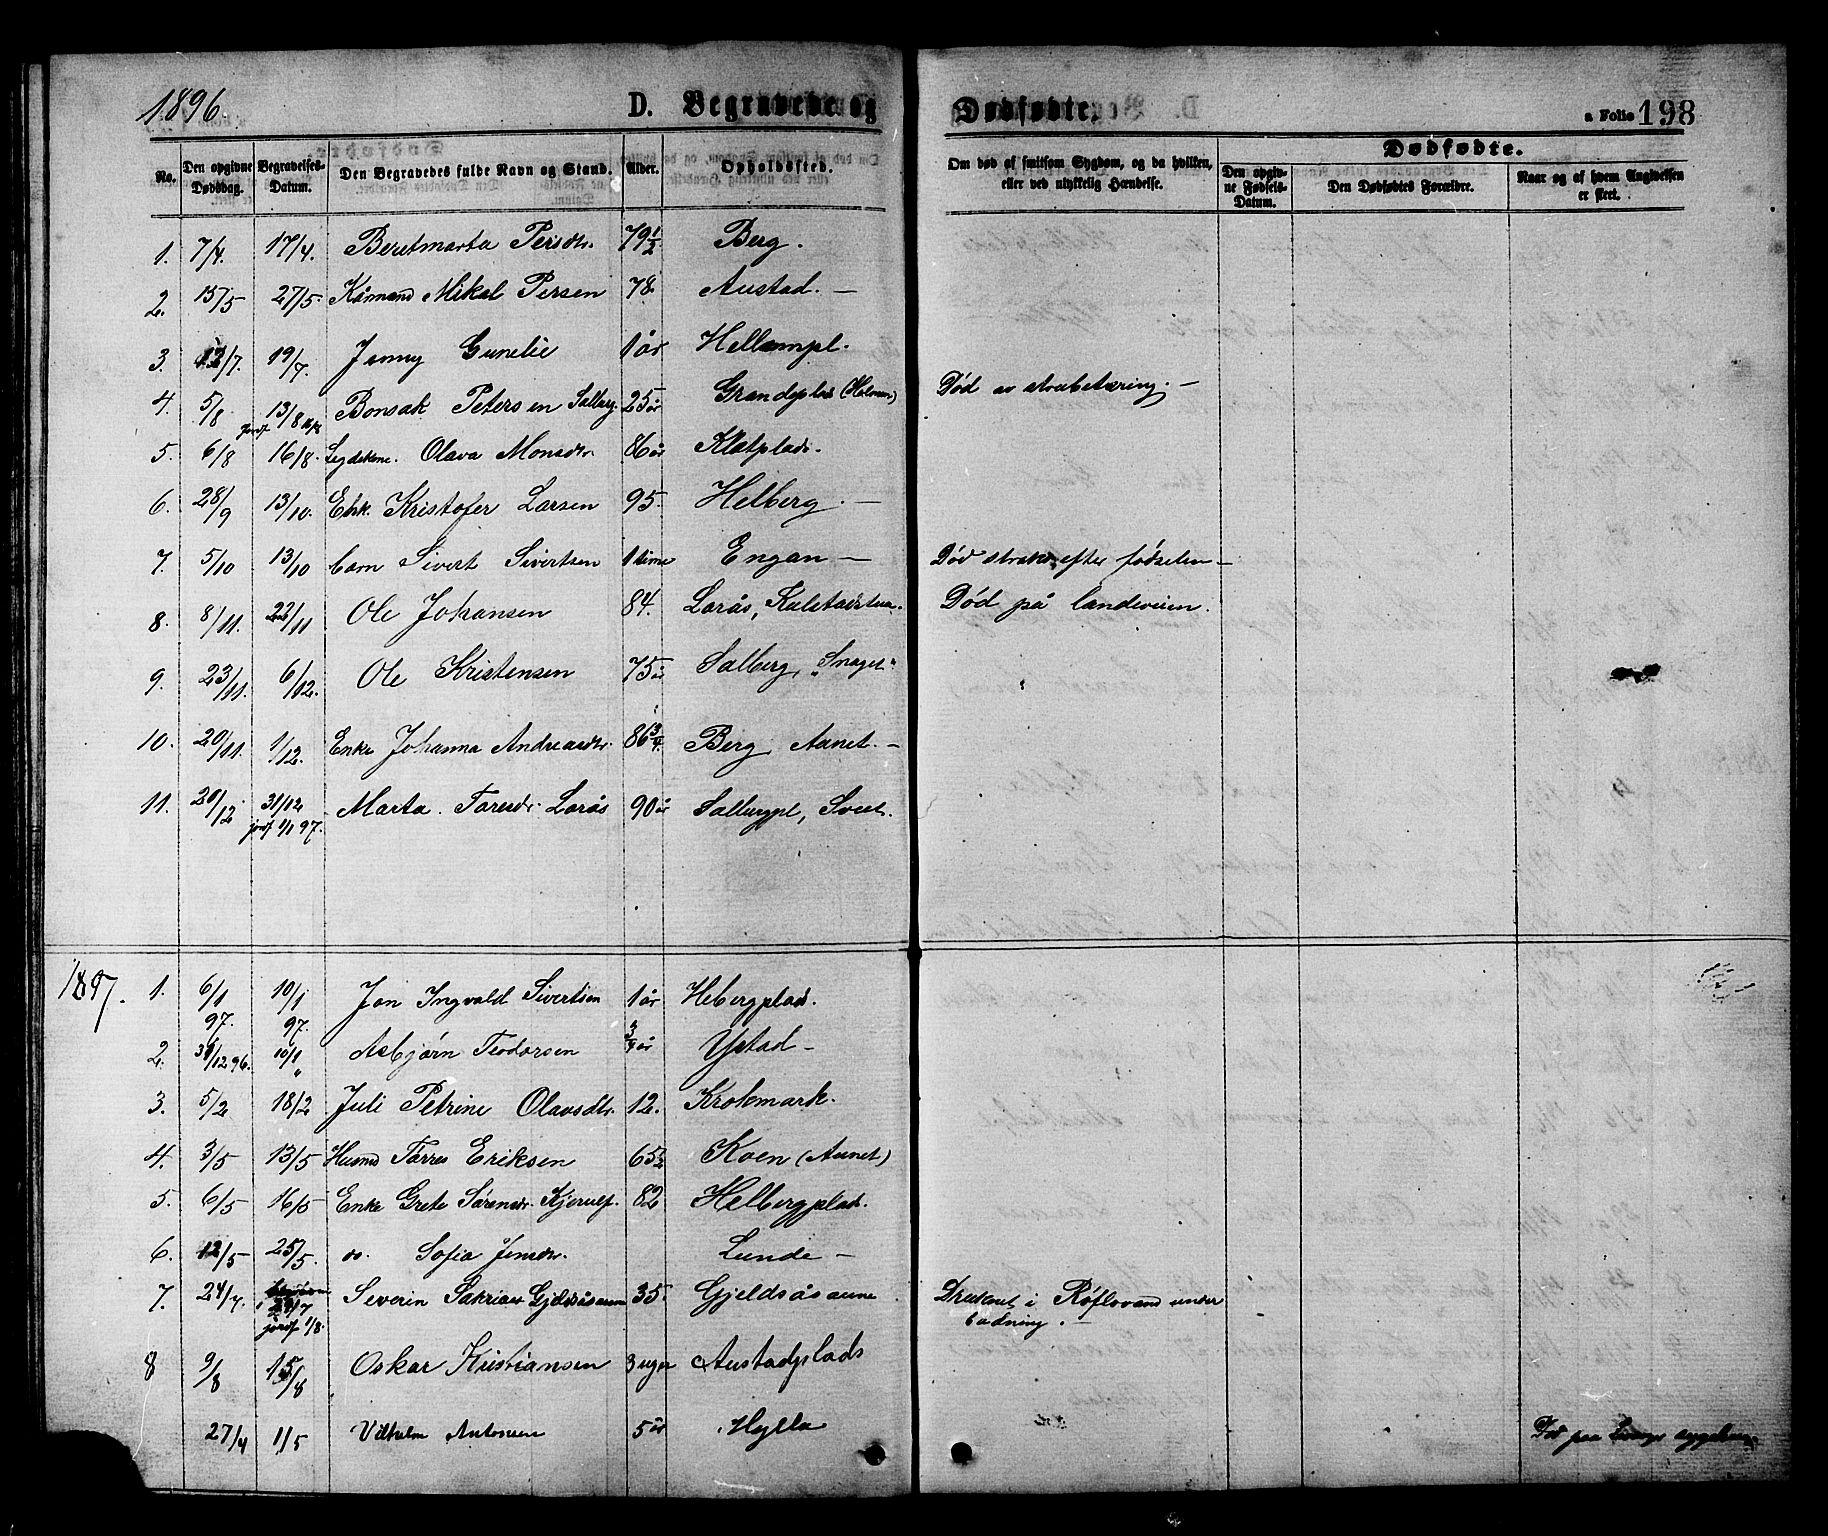 SAT, Ministerialprotokoller, klokkerbøker og fødselsregistre - Nord-Trøndelag, 731/L0311: Klokkerbok nr. 731C02, 1875-1911, s. 198